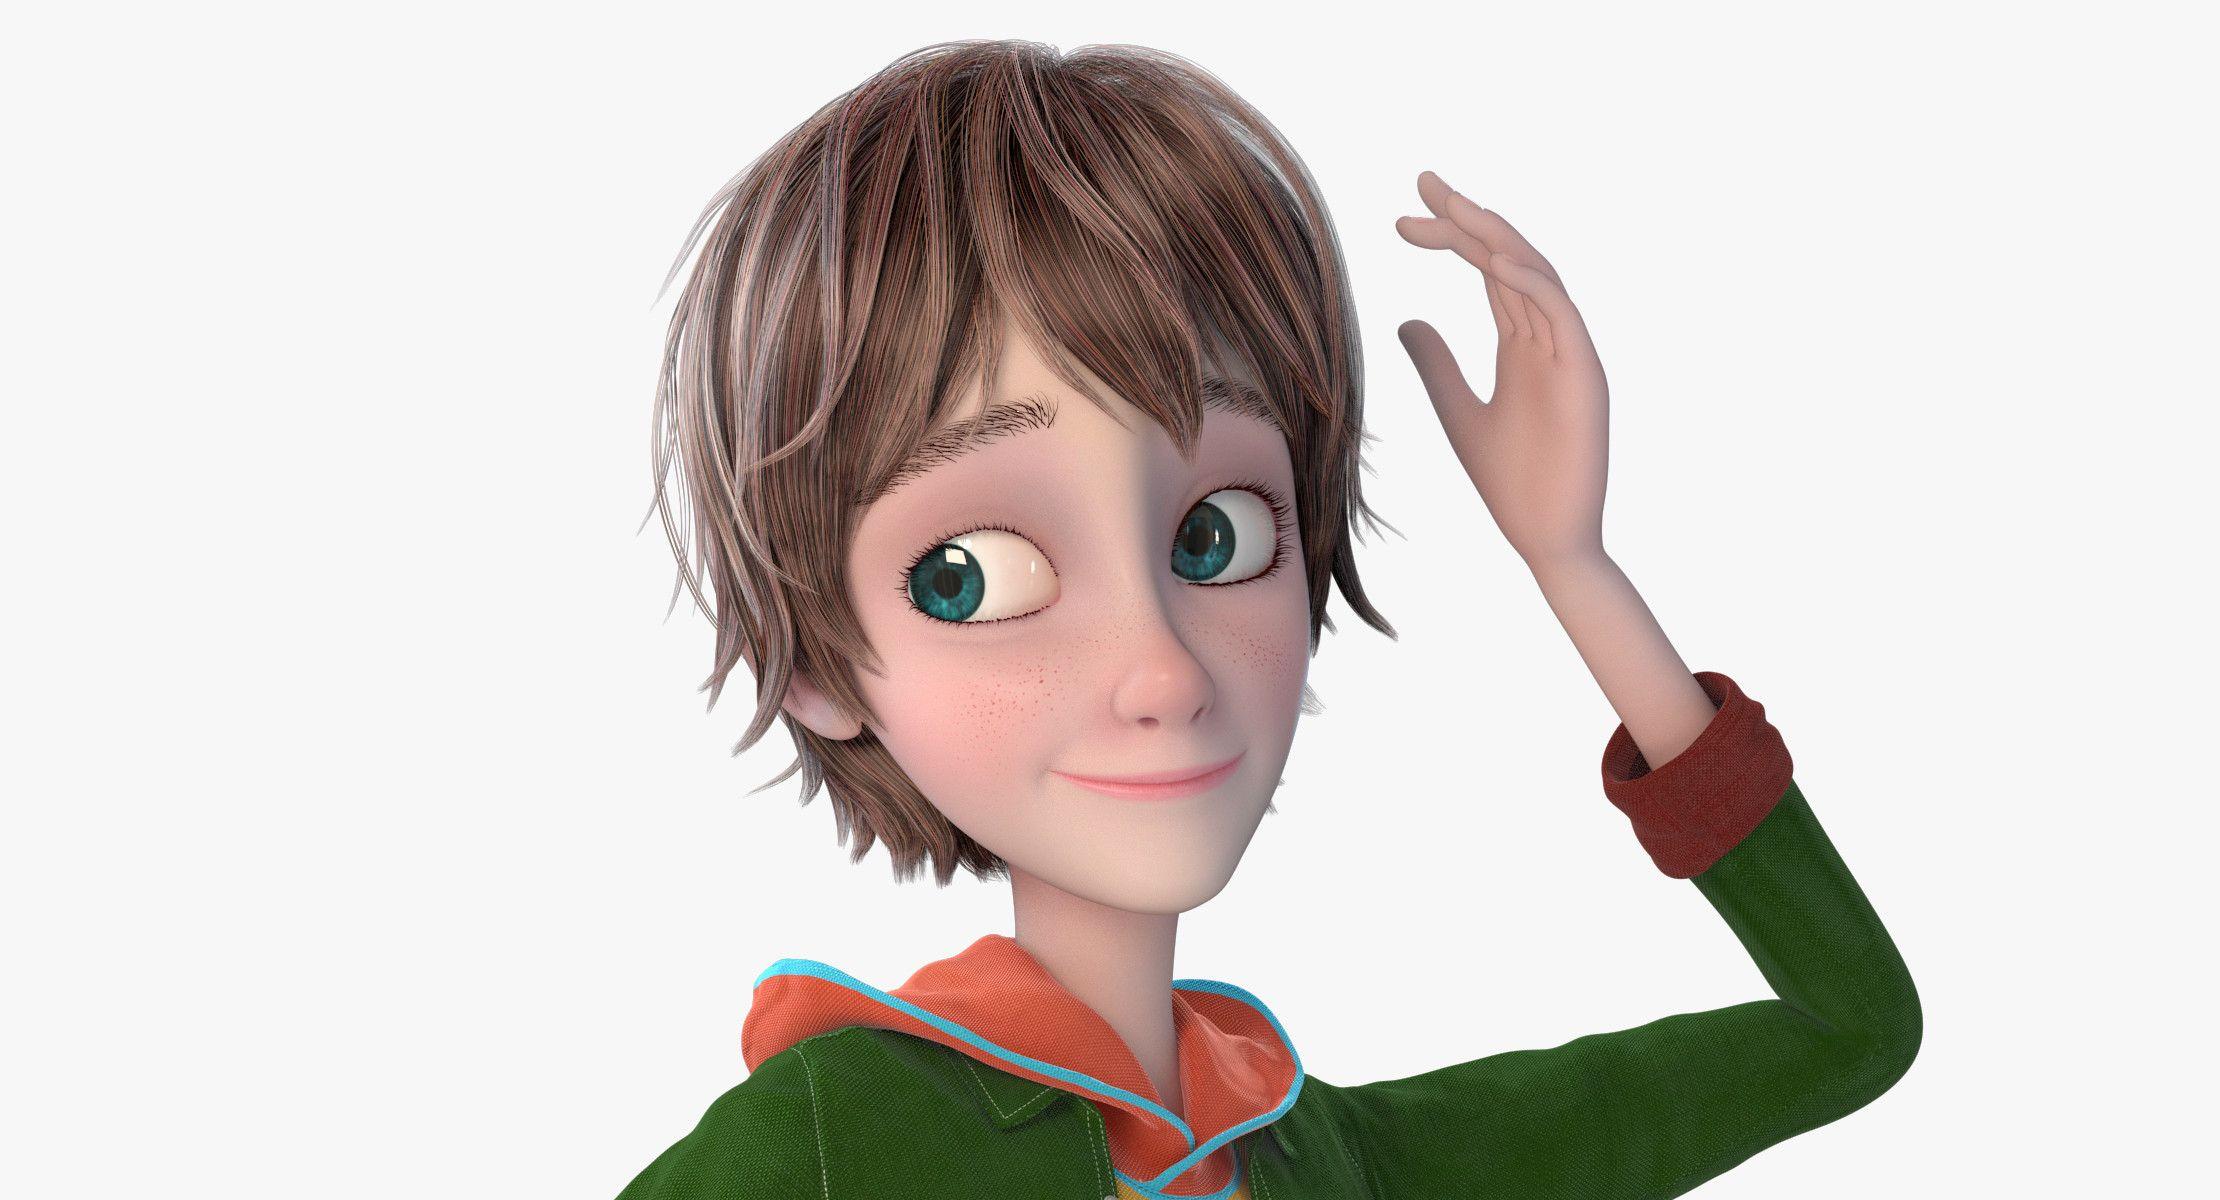 Cartoon Boy Rigged Cartoon boy, 3d model, Fantasy model